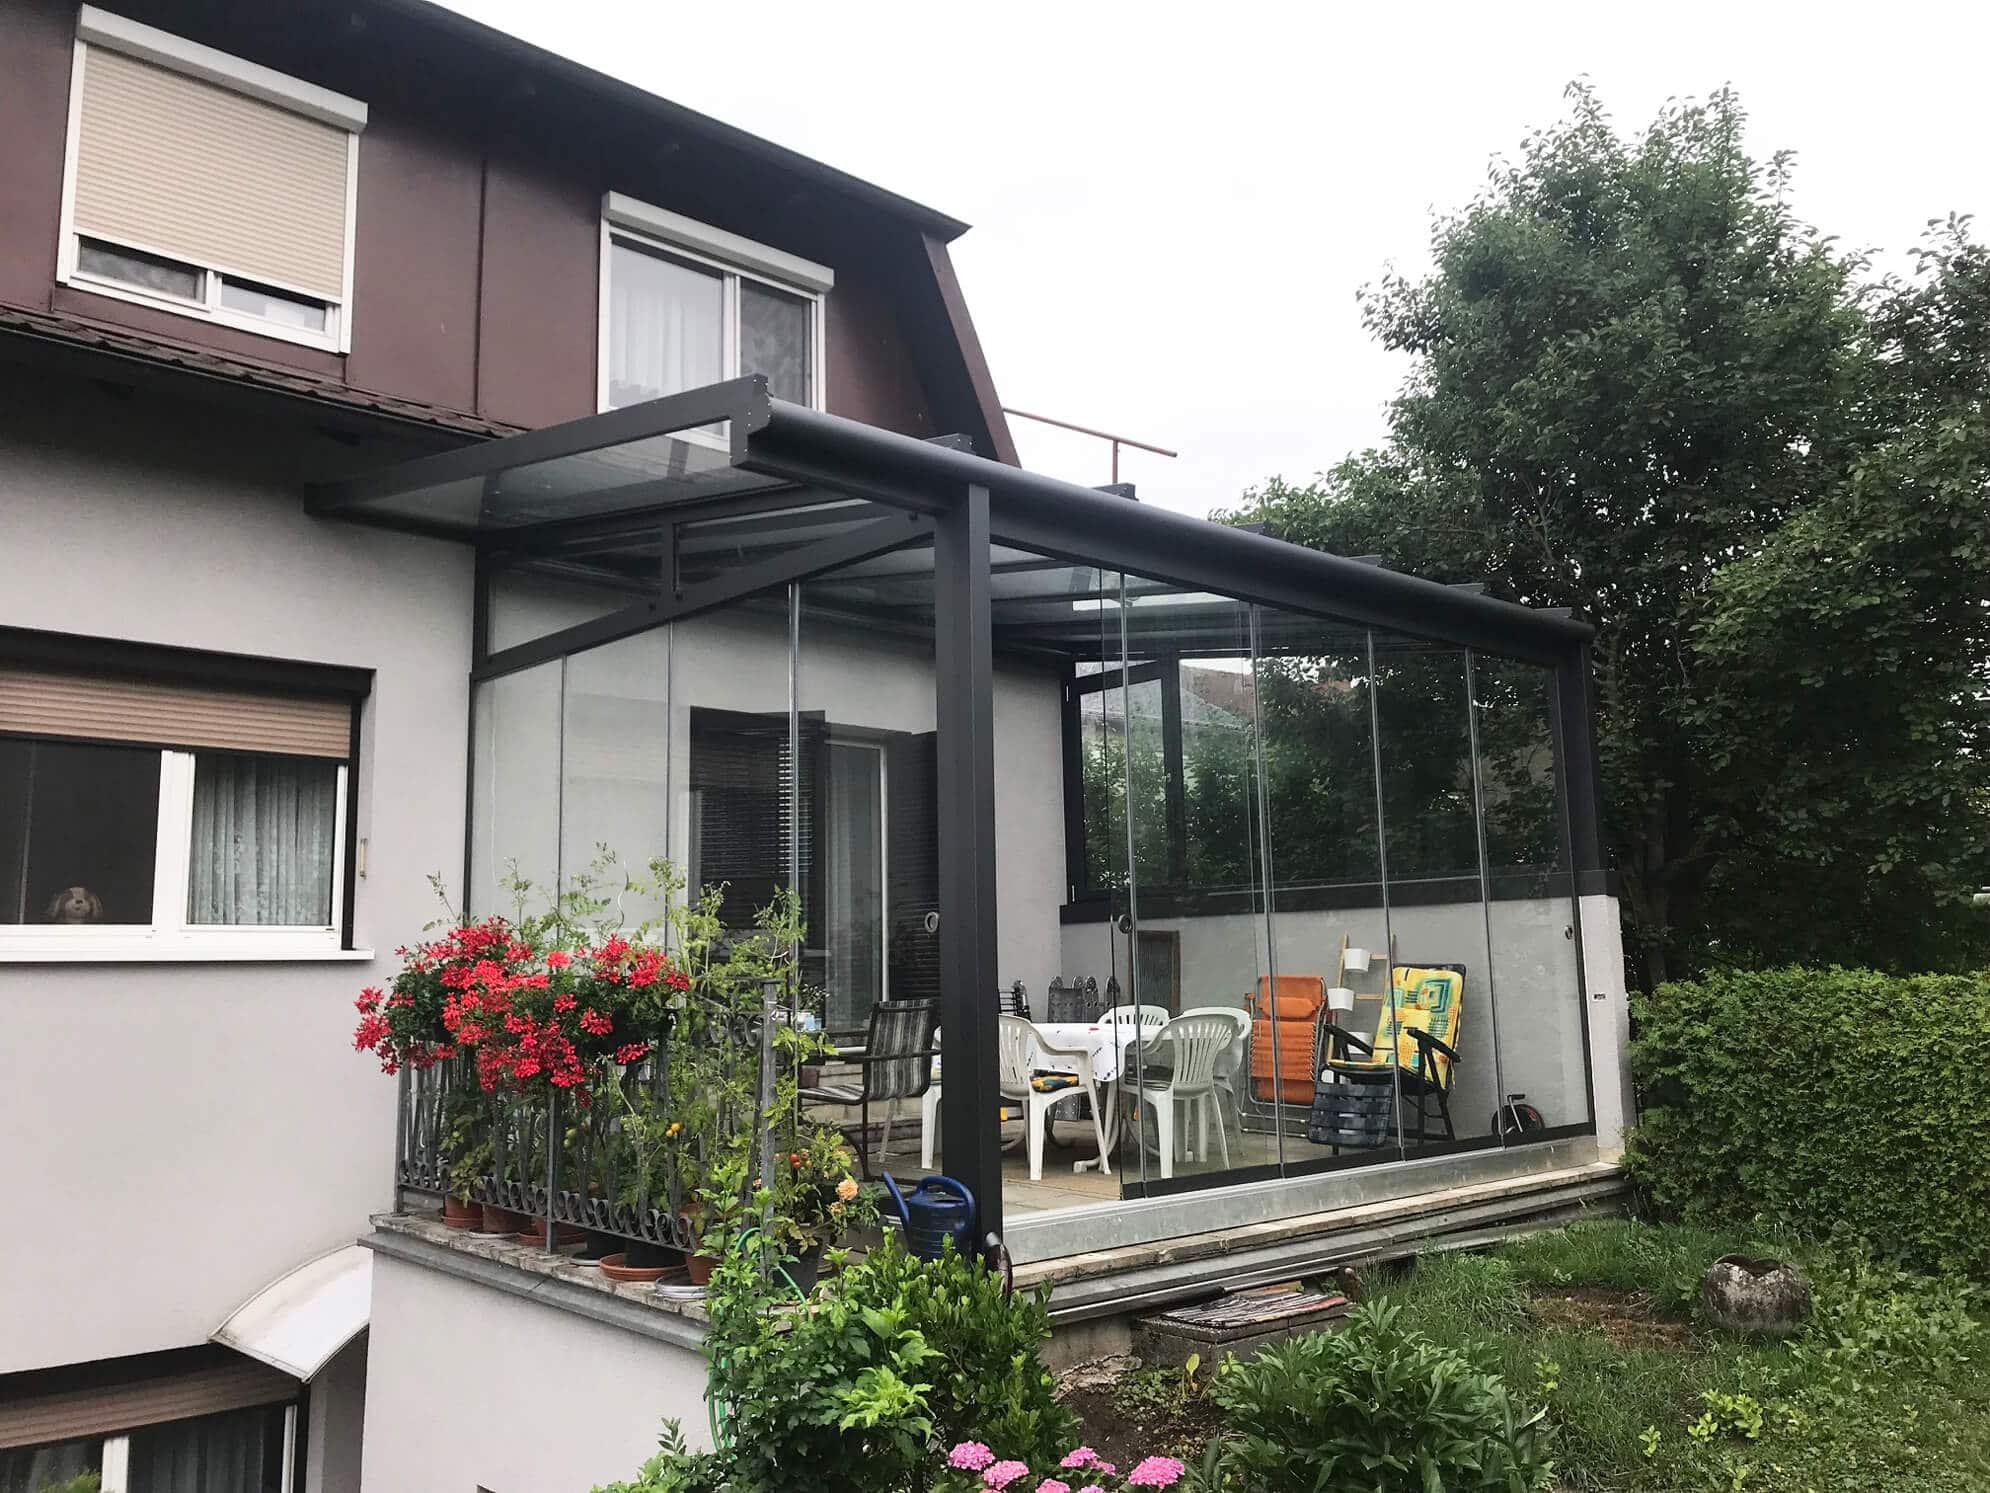 Sommergarten Verglasung